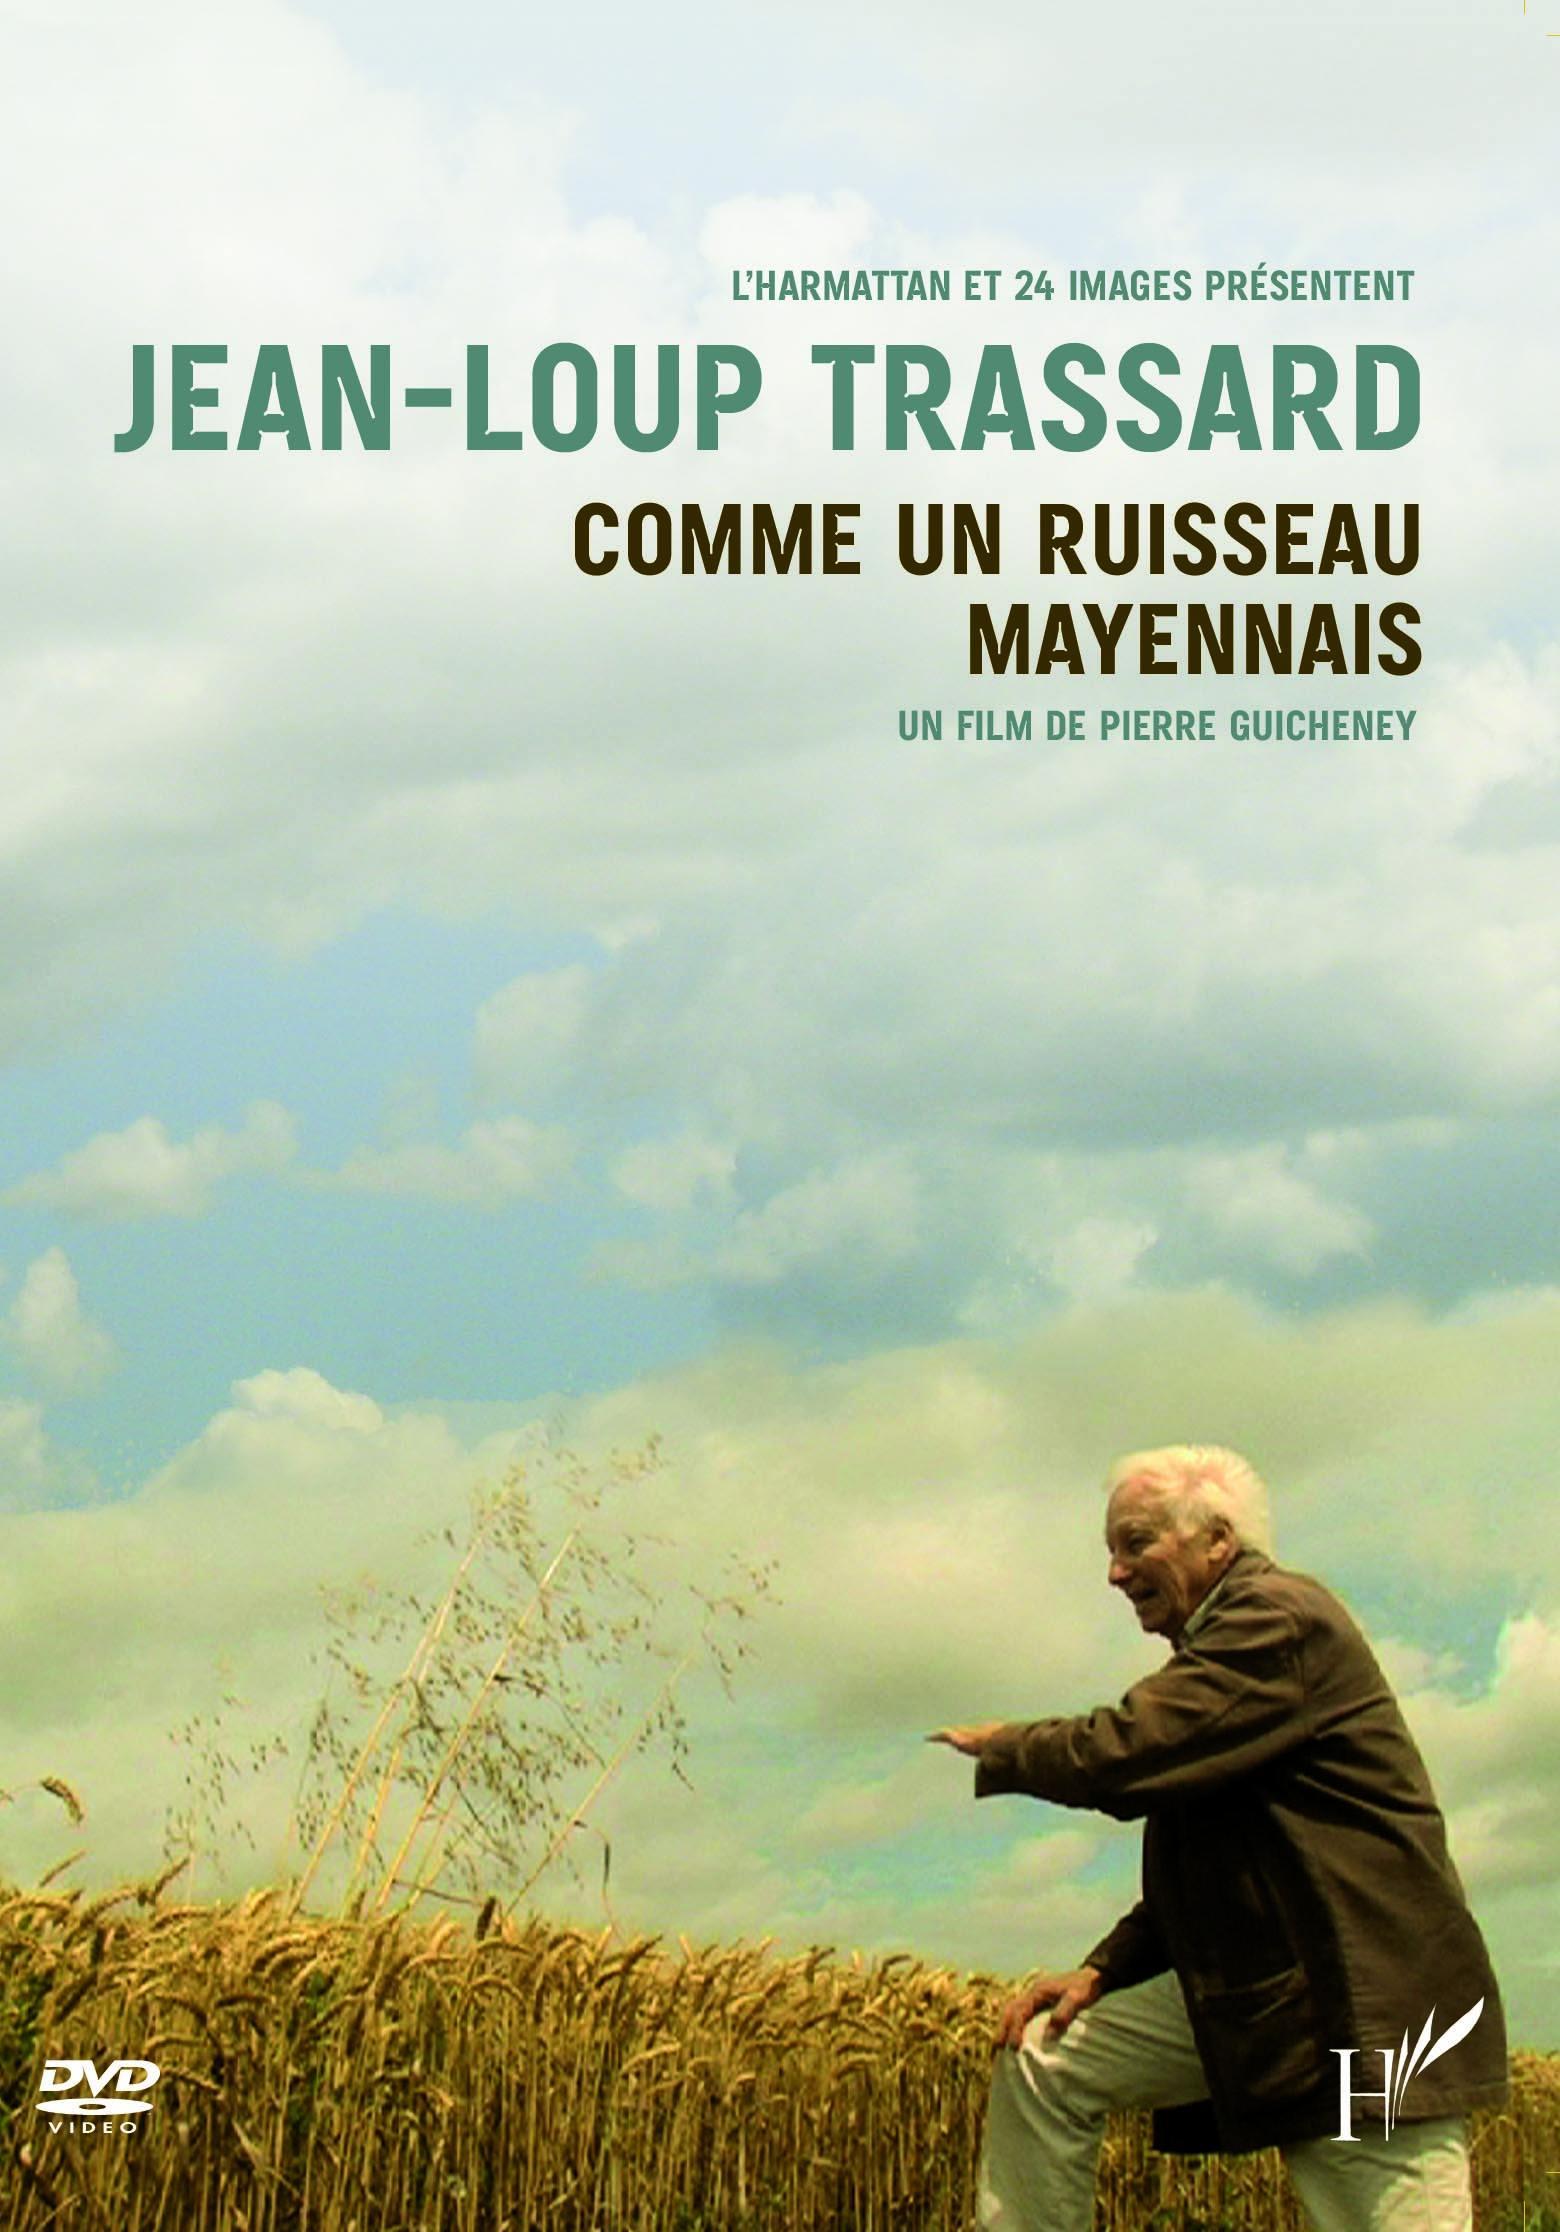 Pays de la loire - jean-loup trassard comme un ruisseau mayennais - dvd